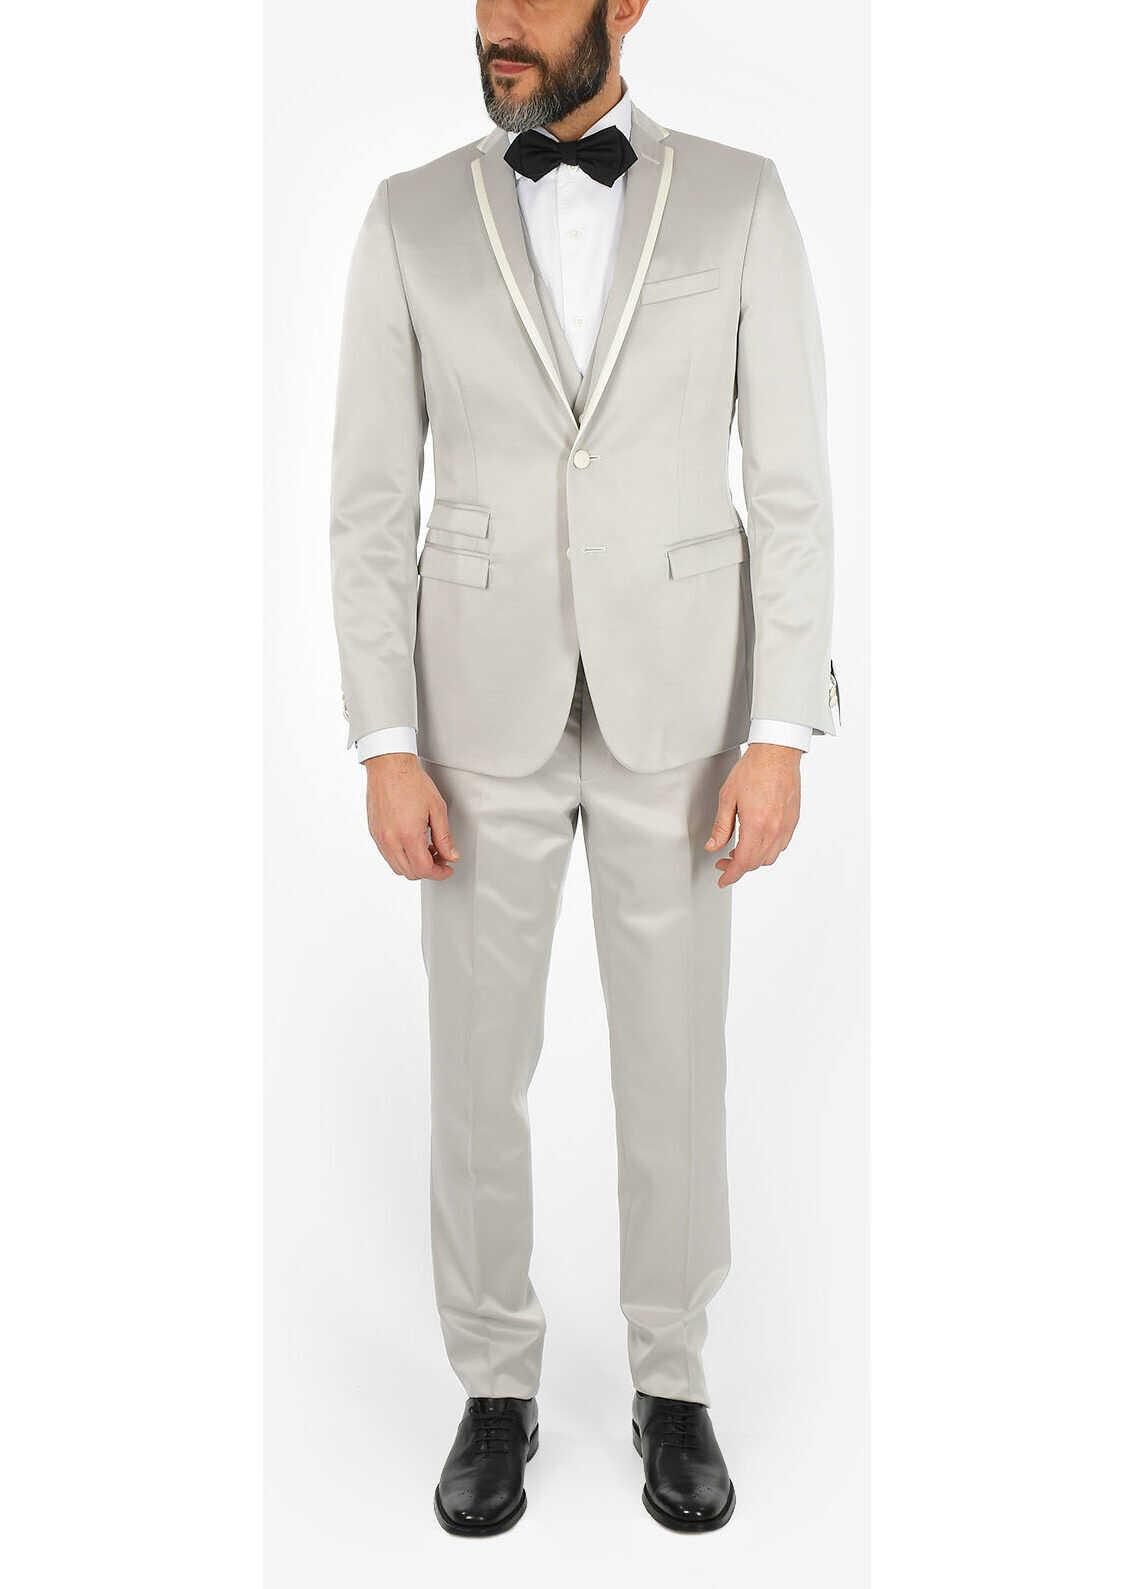 CORNELIANI CC COLLECTION CERIMONIA REFINED drop 8R 3 piece waistcoat su GRAY imagine